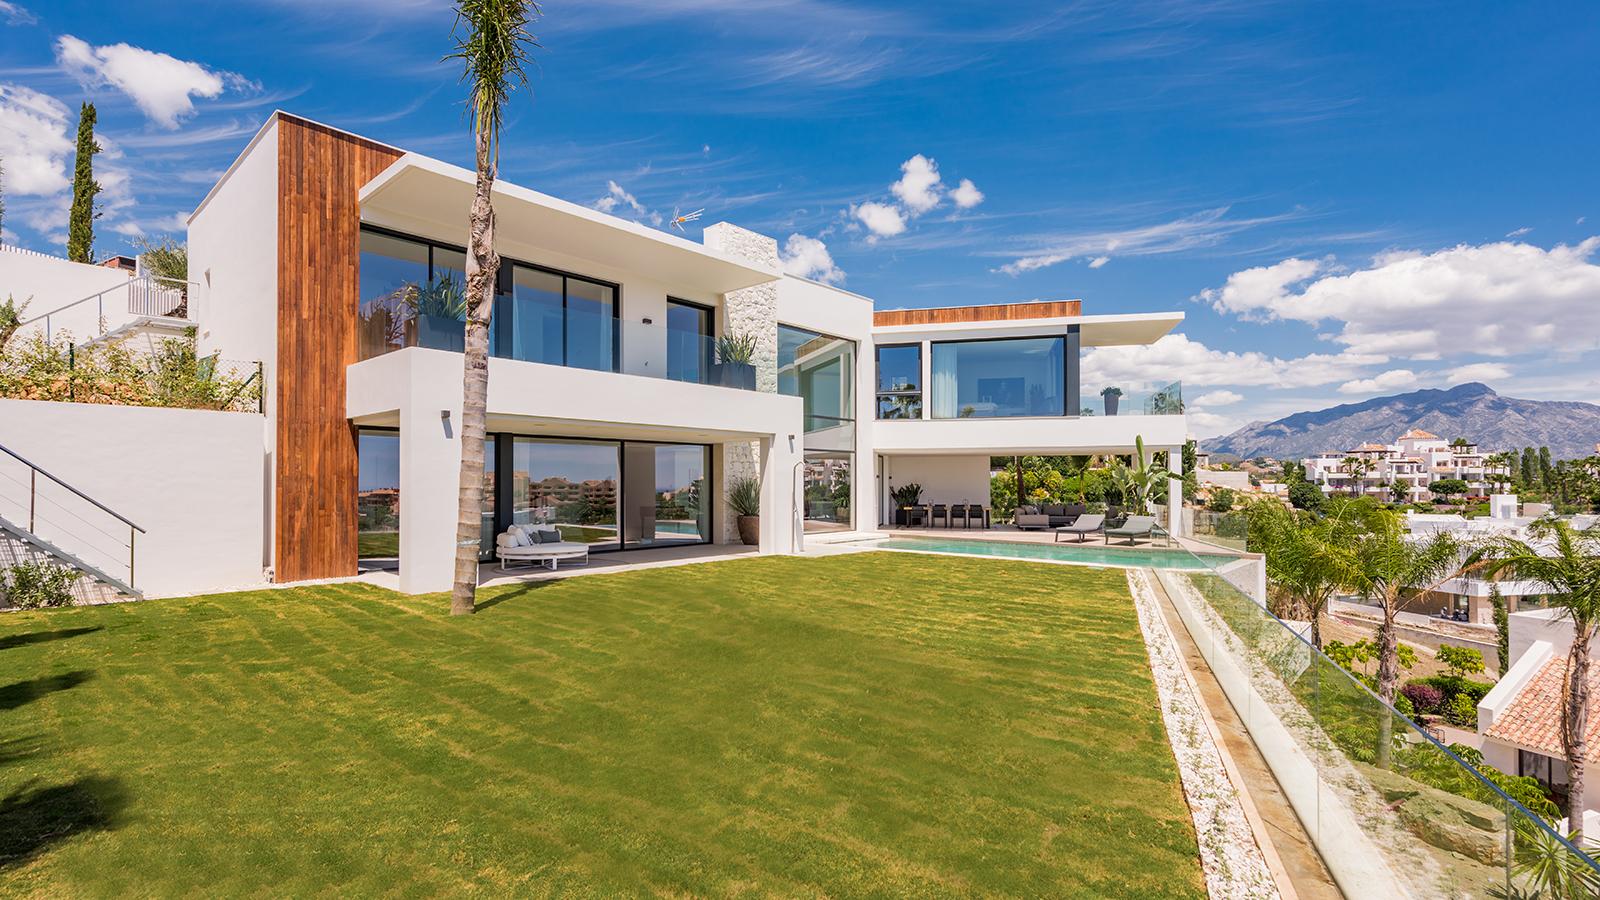 6 bedroom contemporary Villa in La Alquería